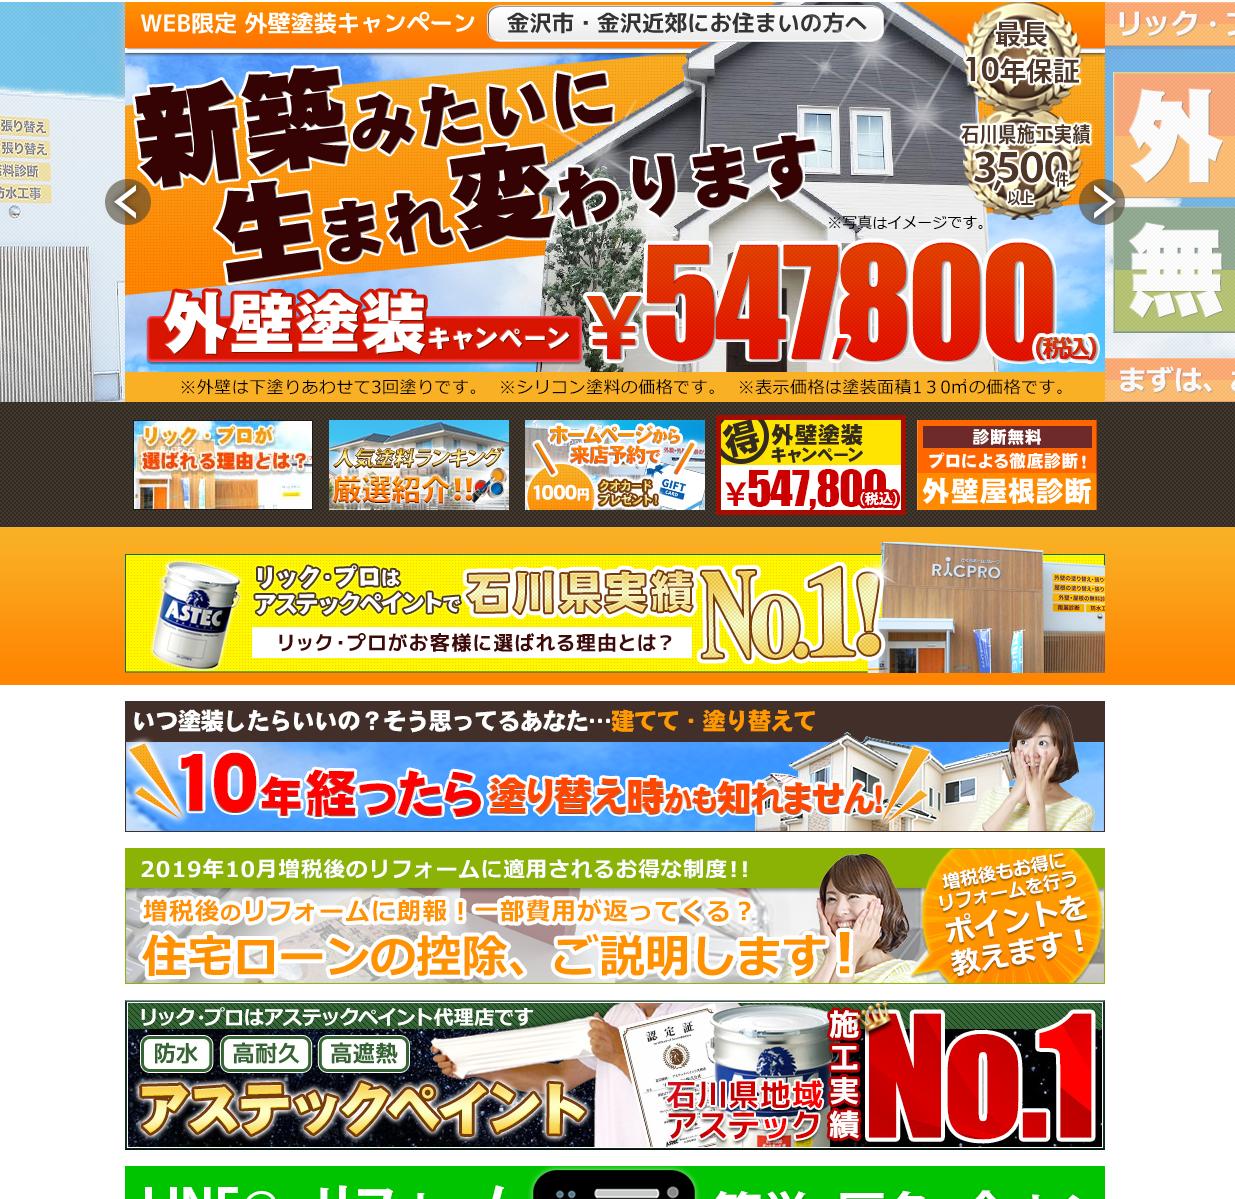 """<span class=""""title"""">リック・プロ株式会社の口コミや評判</span>"""